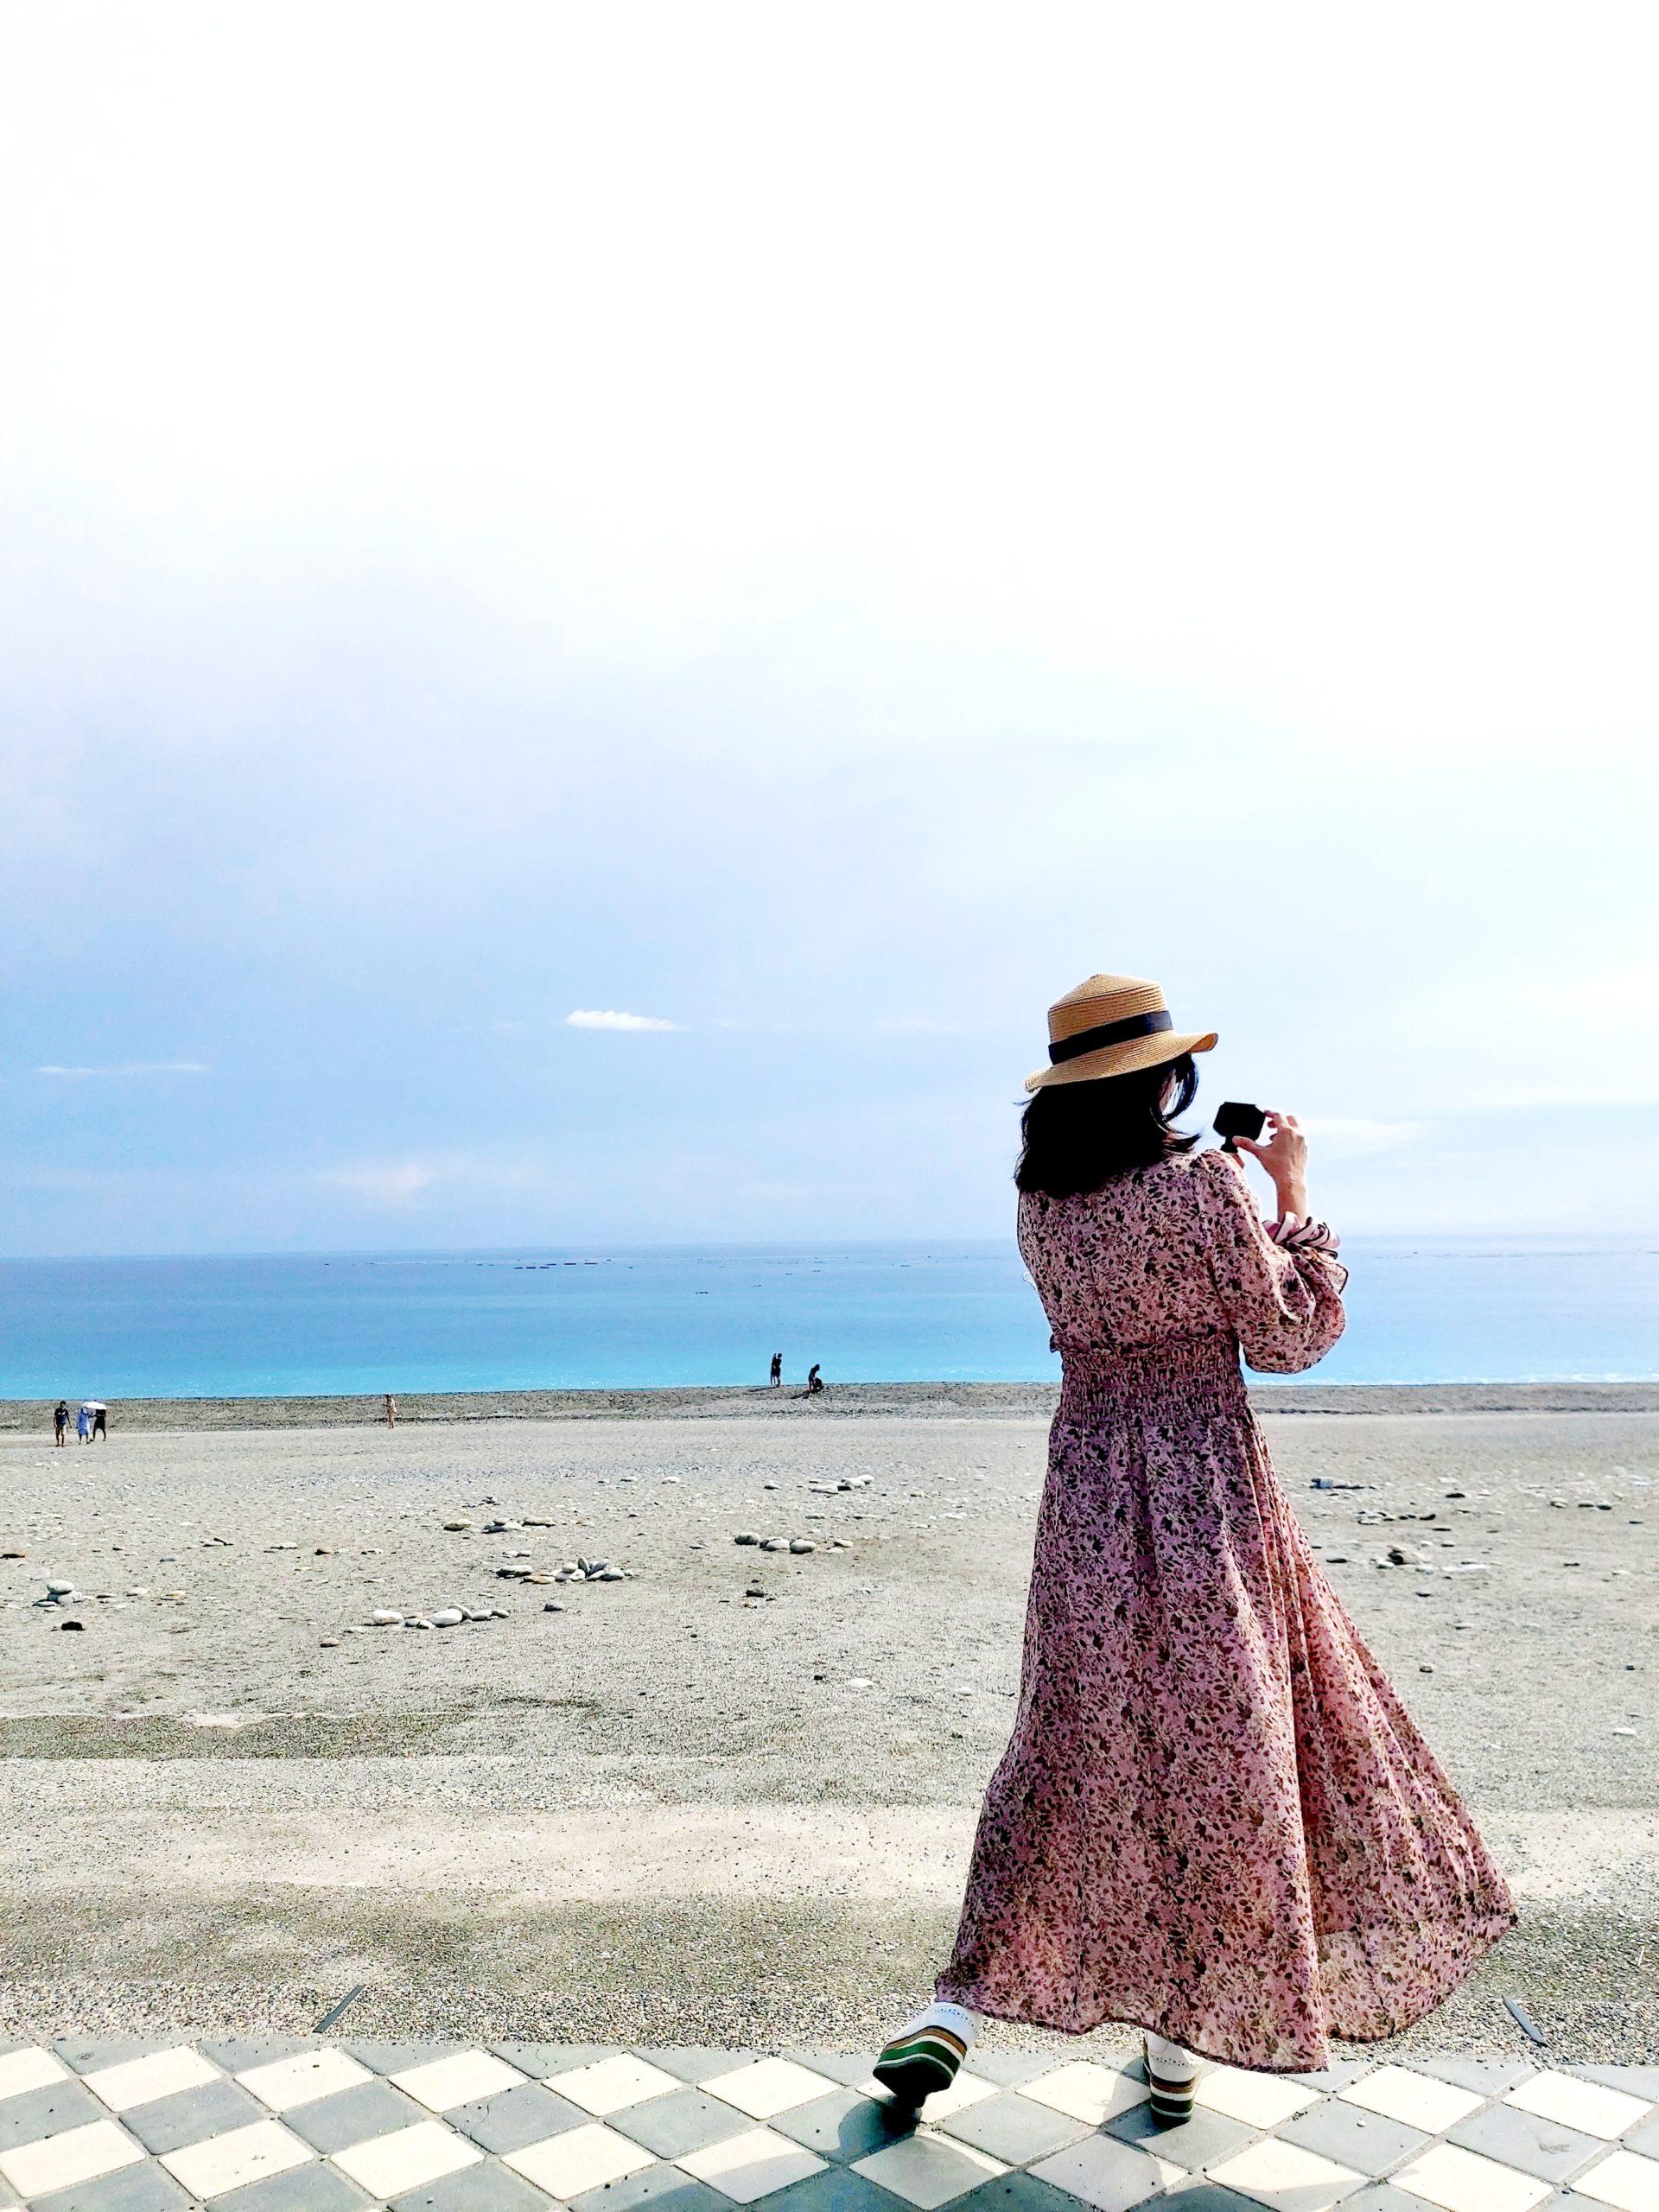 七星潭風景區,低碳旅遊,台灣旅遊,四八高地,戰備坑道,花蓮 @傑菲亞娃JEFFIA FANG